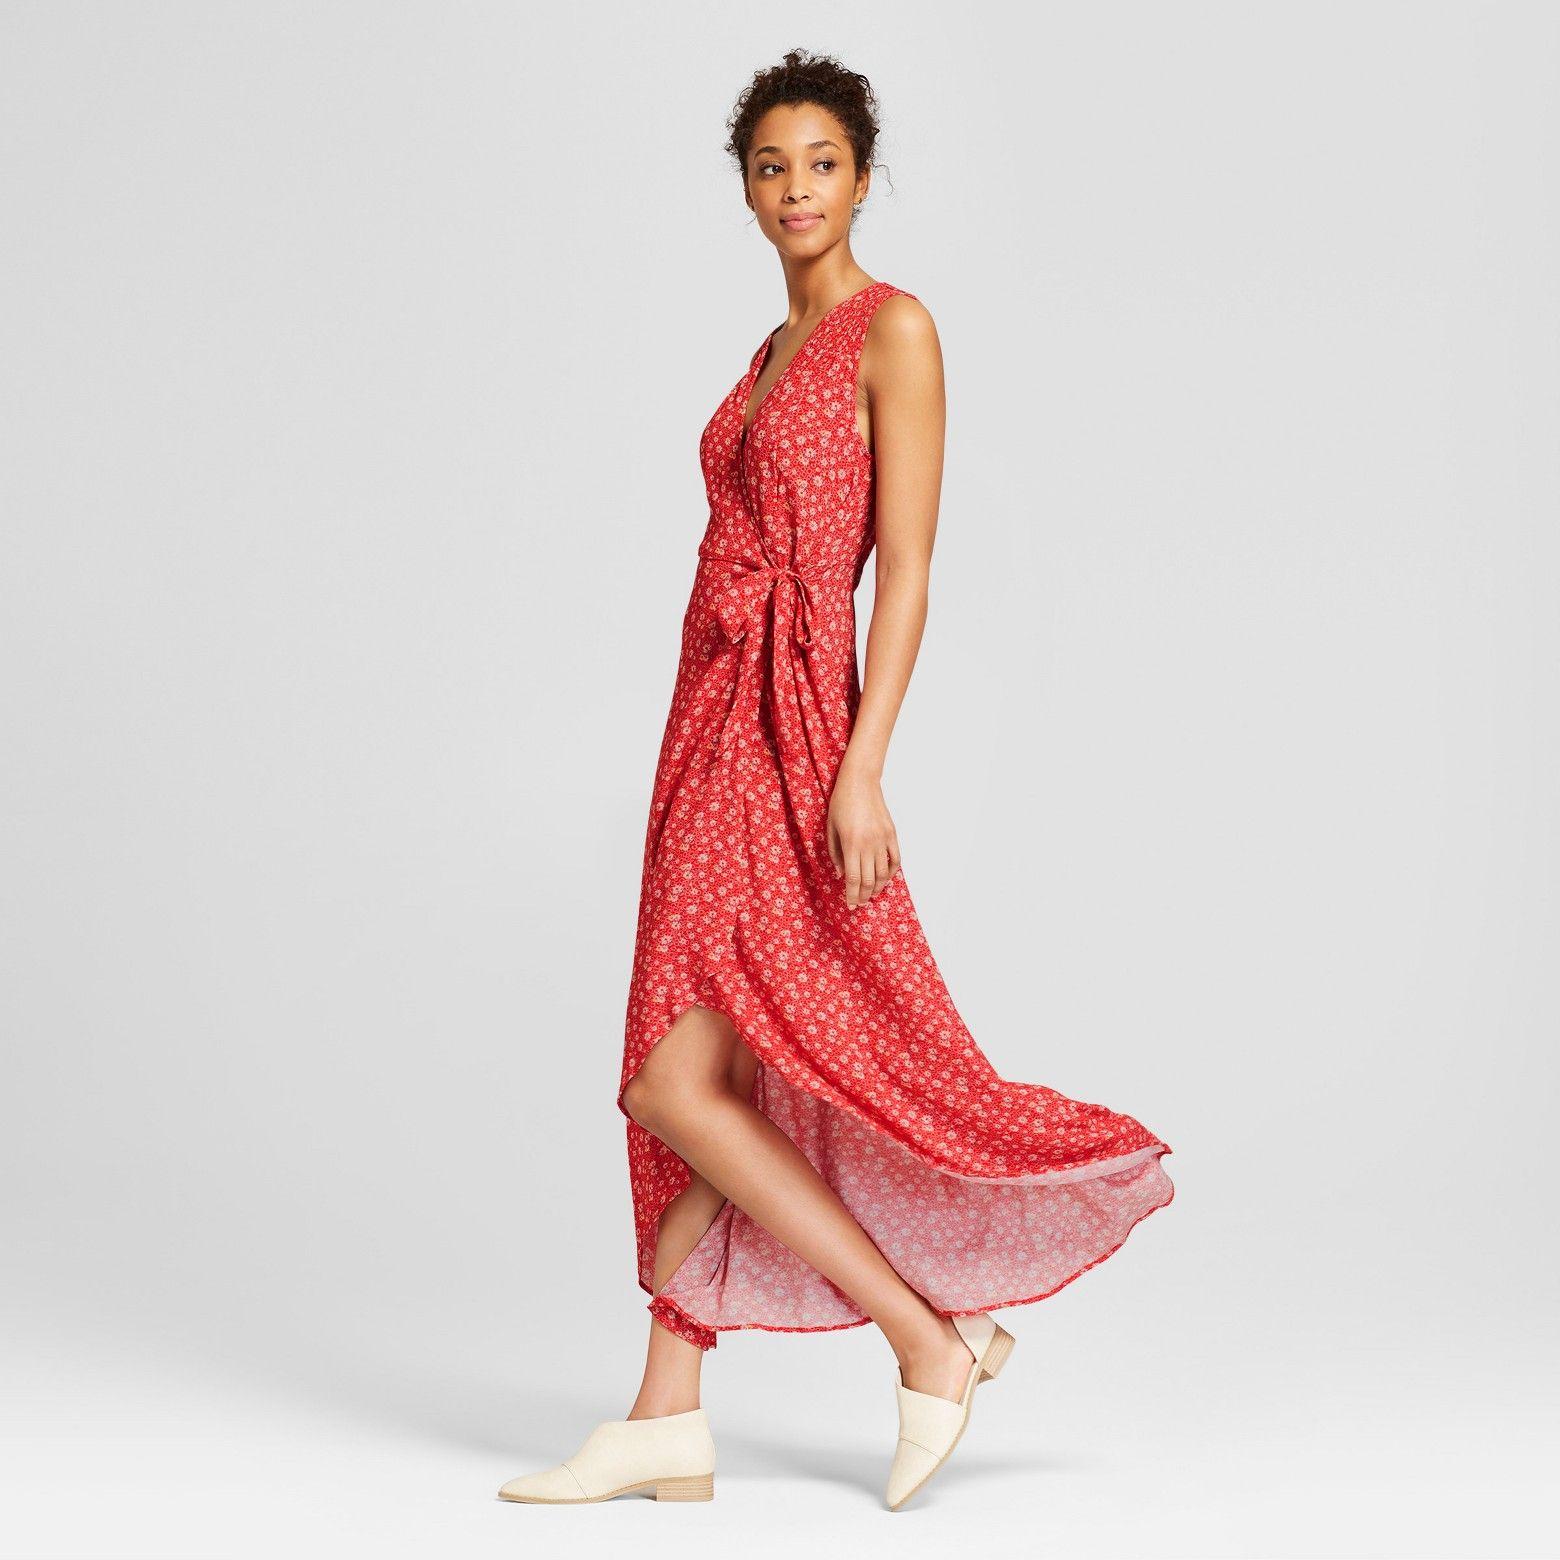 Women S Wrap Front Floral Midi Dress Universal Thread Red Target Floral Midi Dress Dresses Red Midi Dress [ 1560 x 1560 Pixel ]